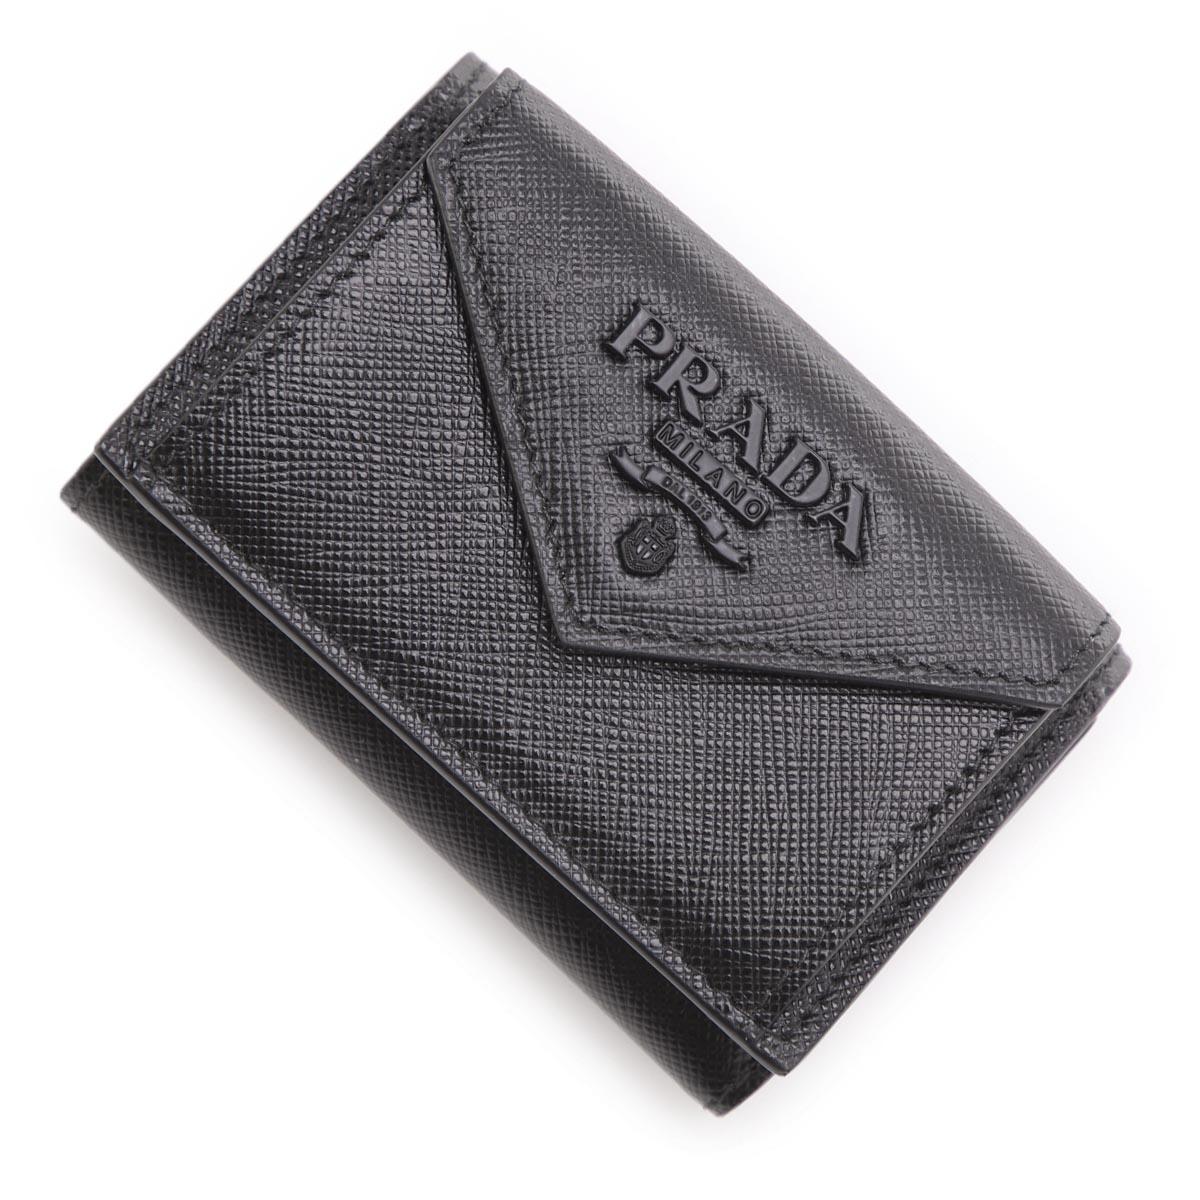 財布・ケース, レディース財布  PRADA 3 1mh021 2ebw f0002 SAFFIANO SHINE2021SS